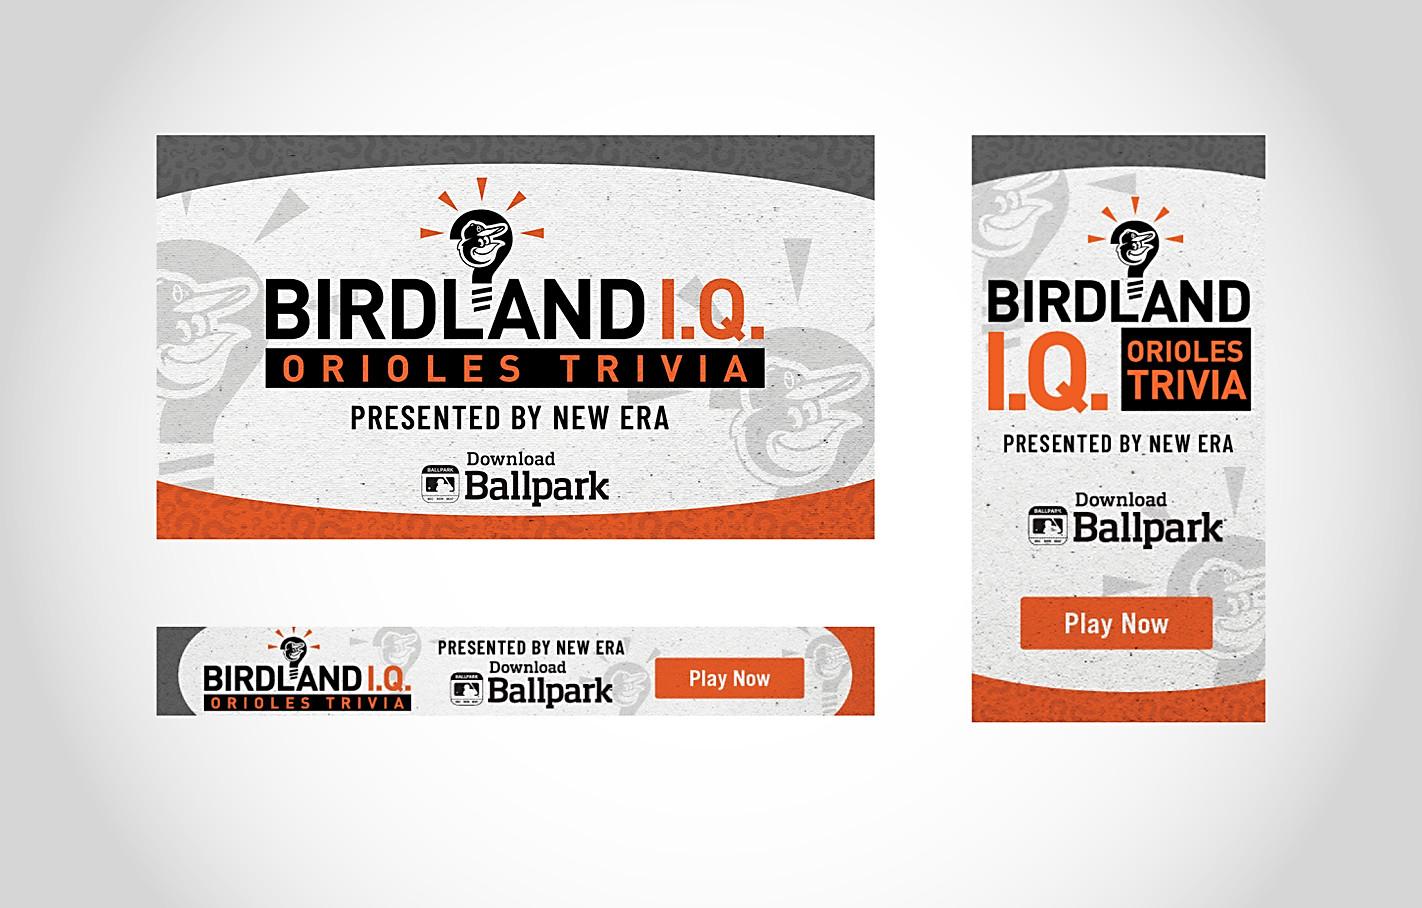 Orioles Birdland I.Q. Trivia Graphics